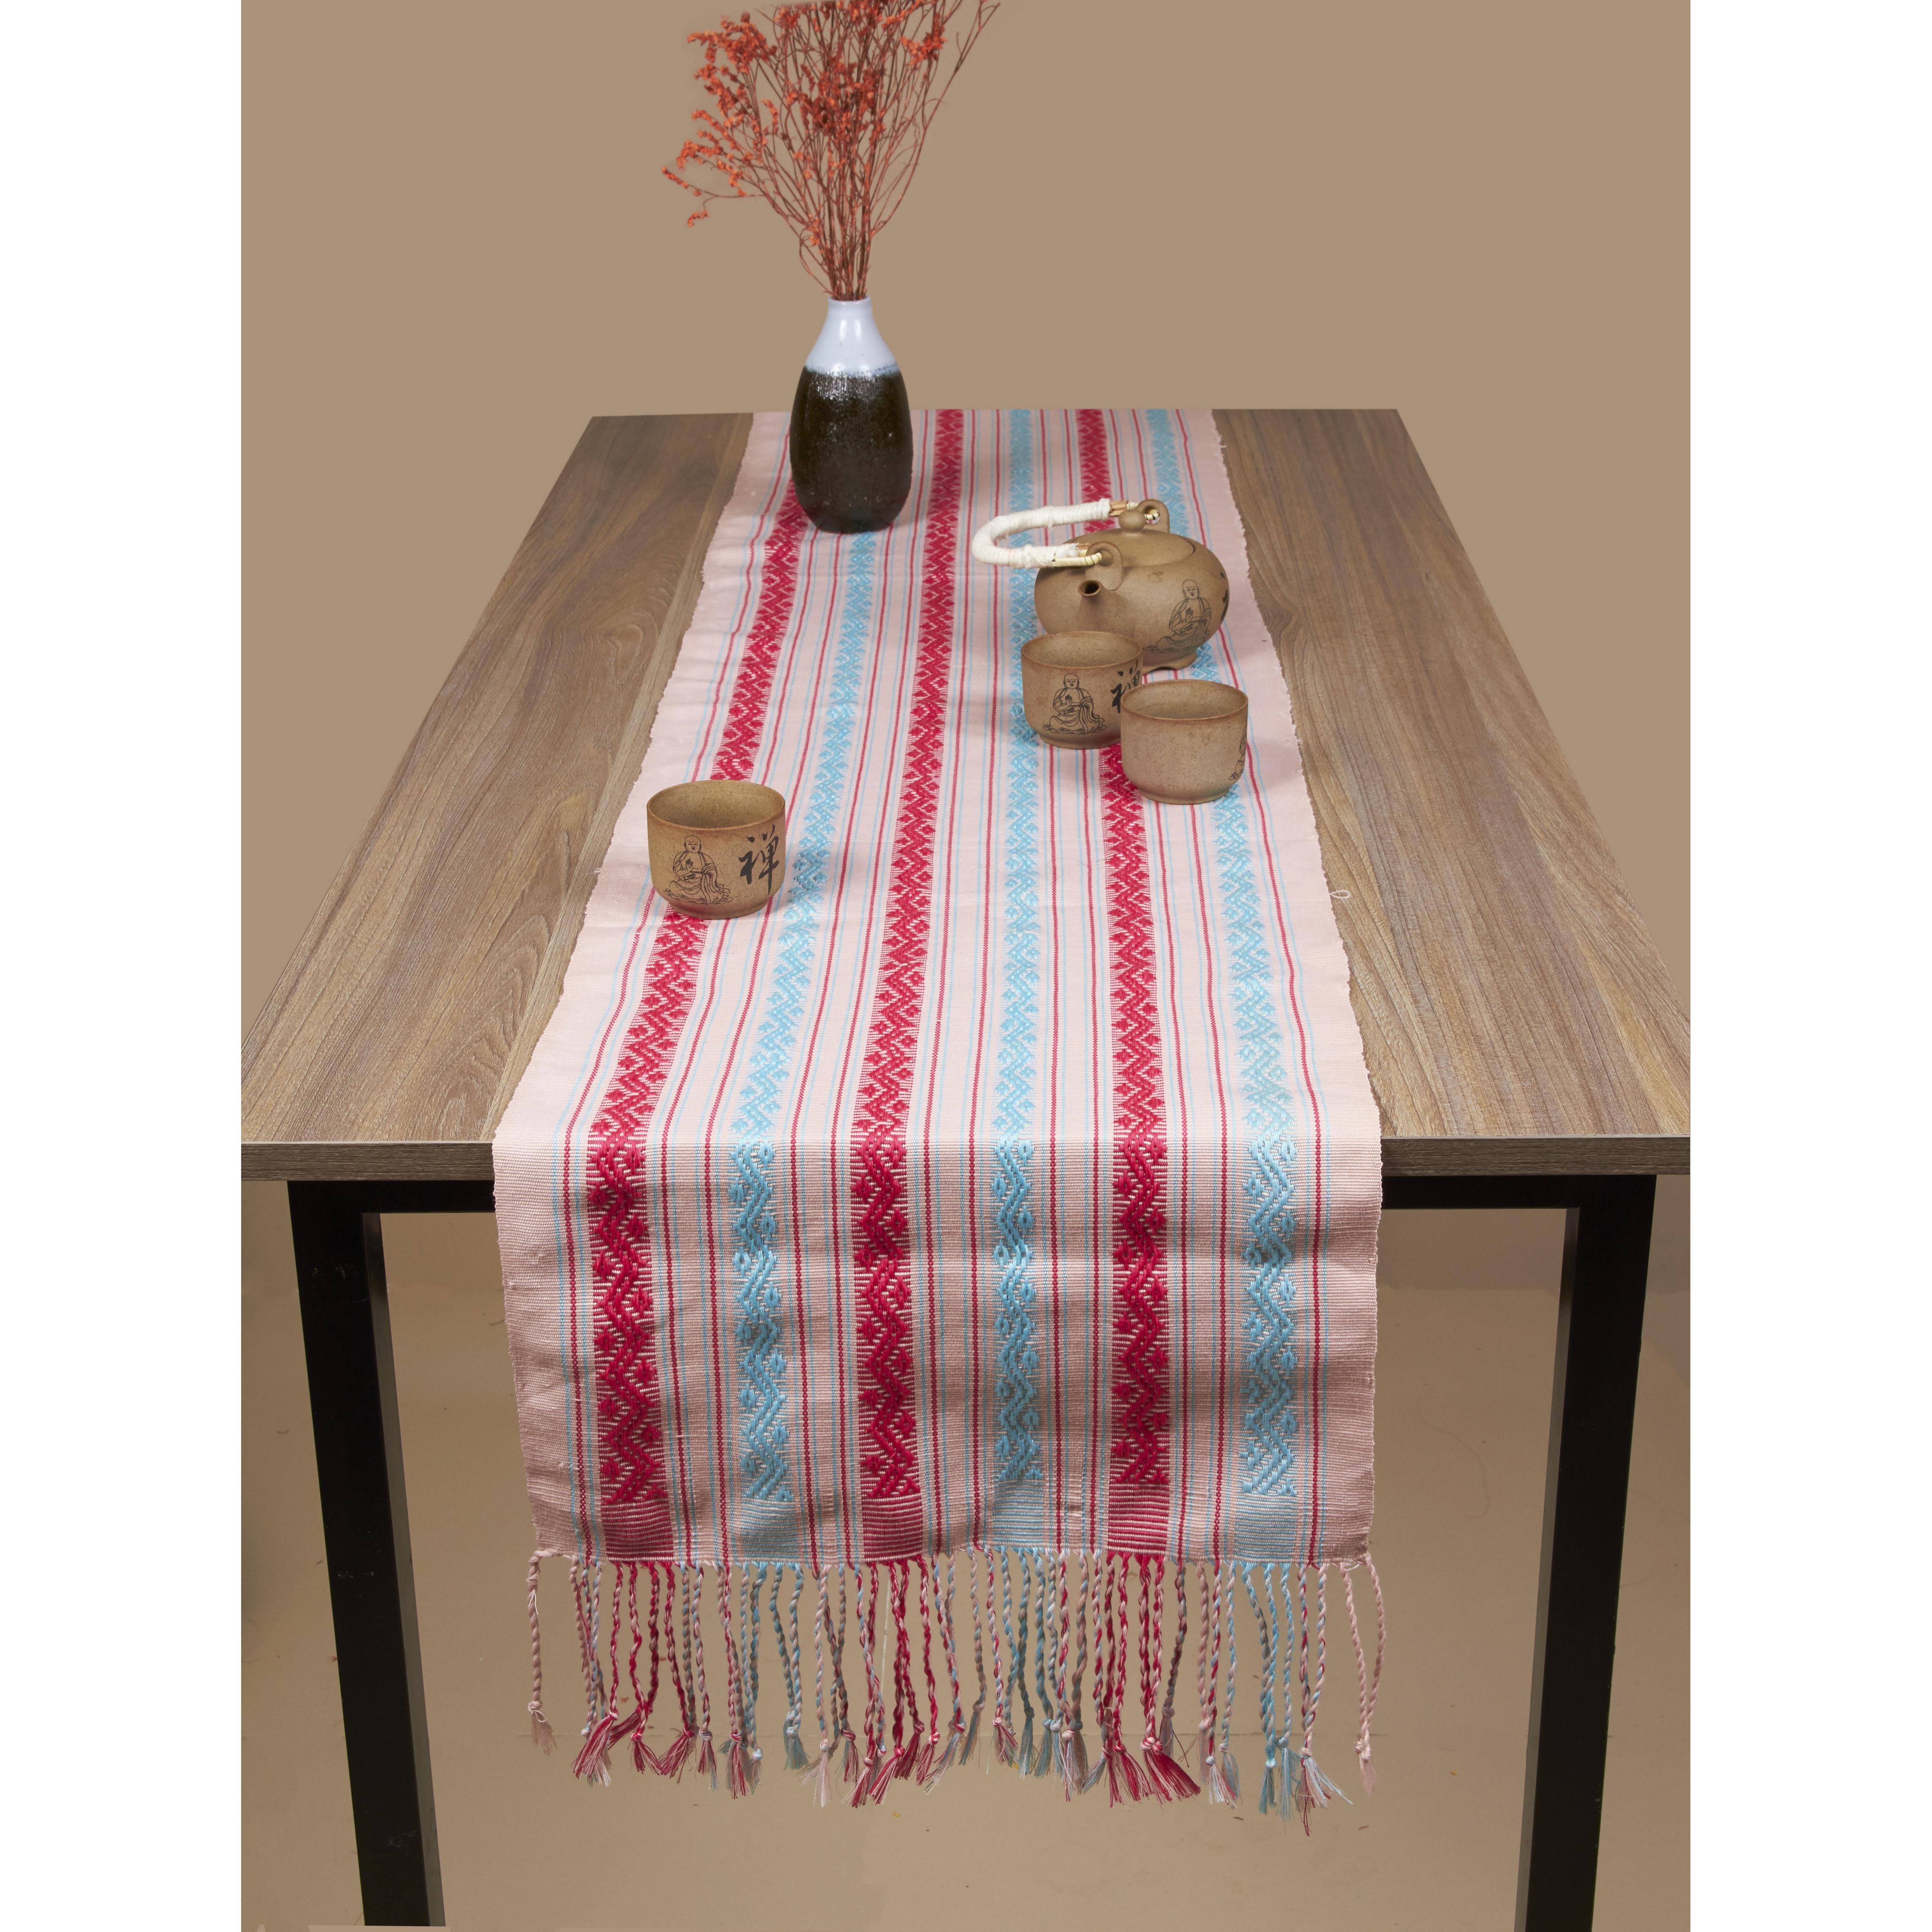 khăn trải bàn decor nền hồng phấn pastel có họa tiết   zig zag như những sợi dây leo